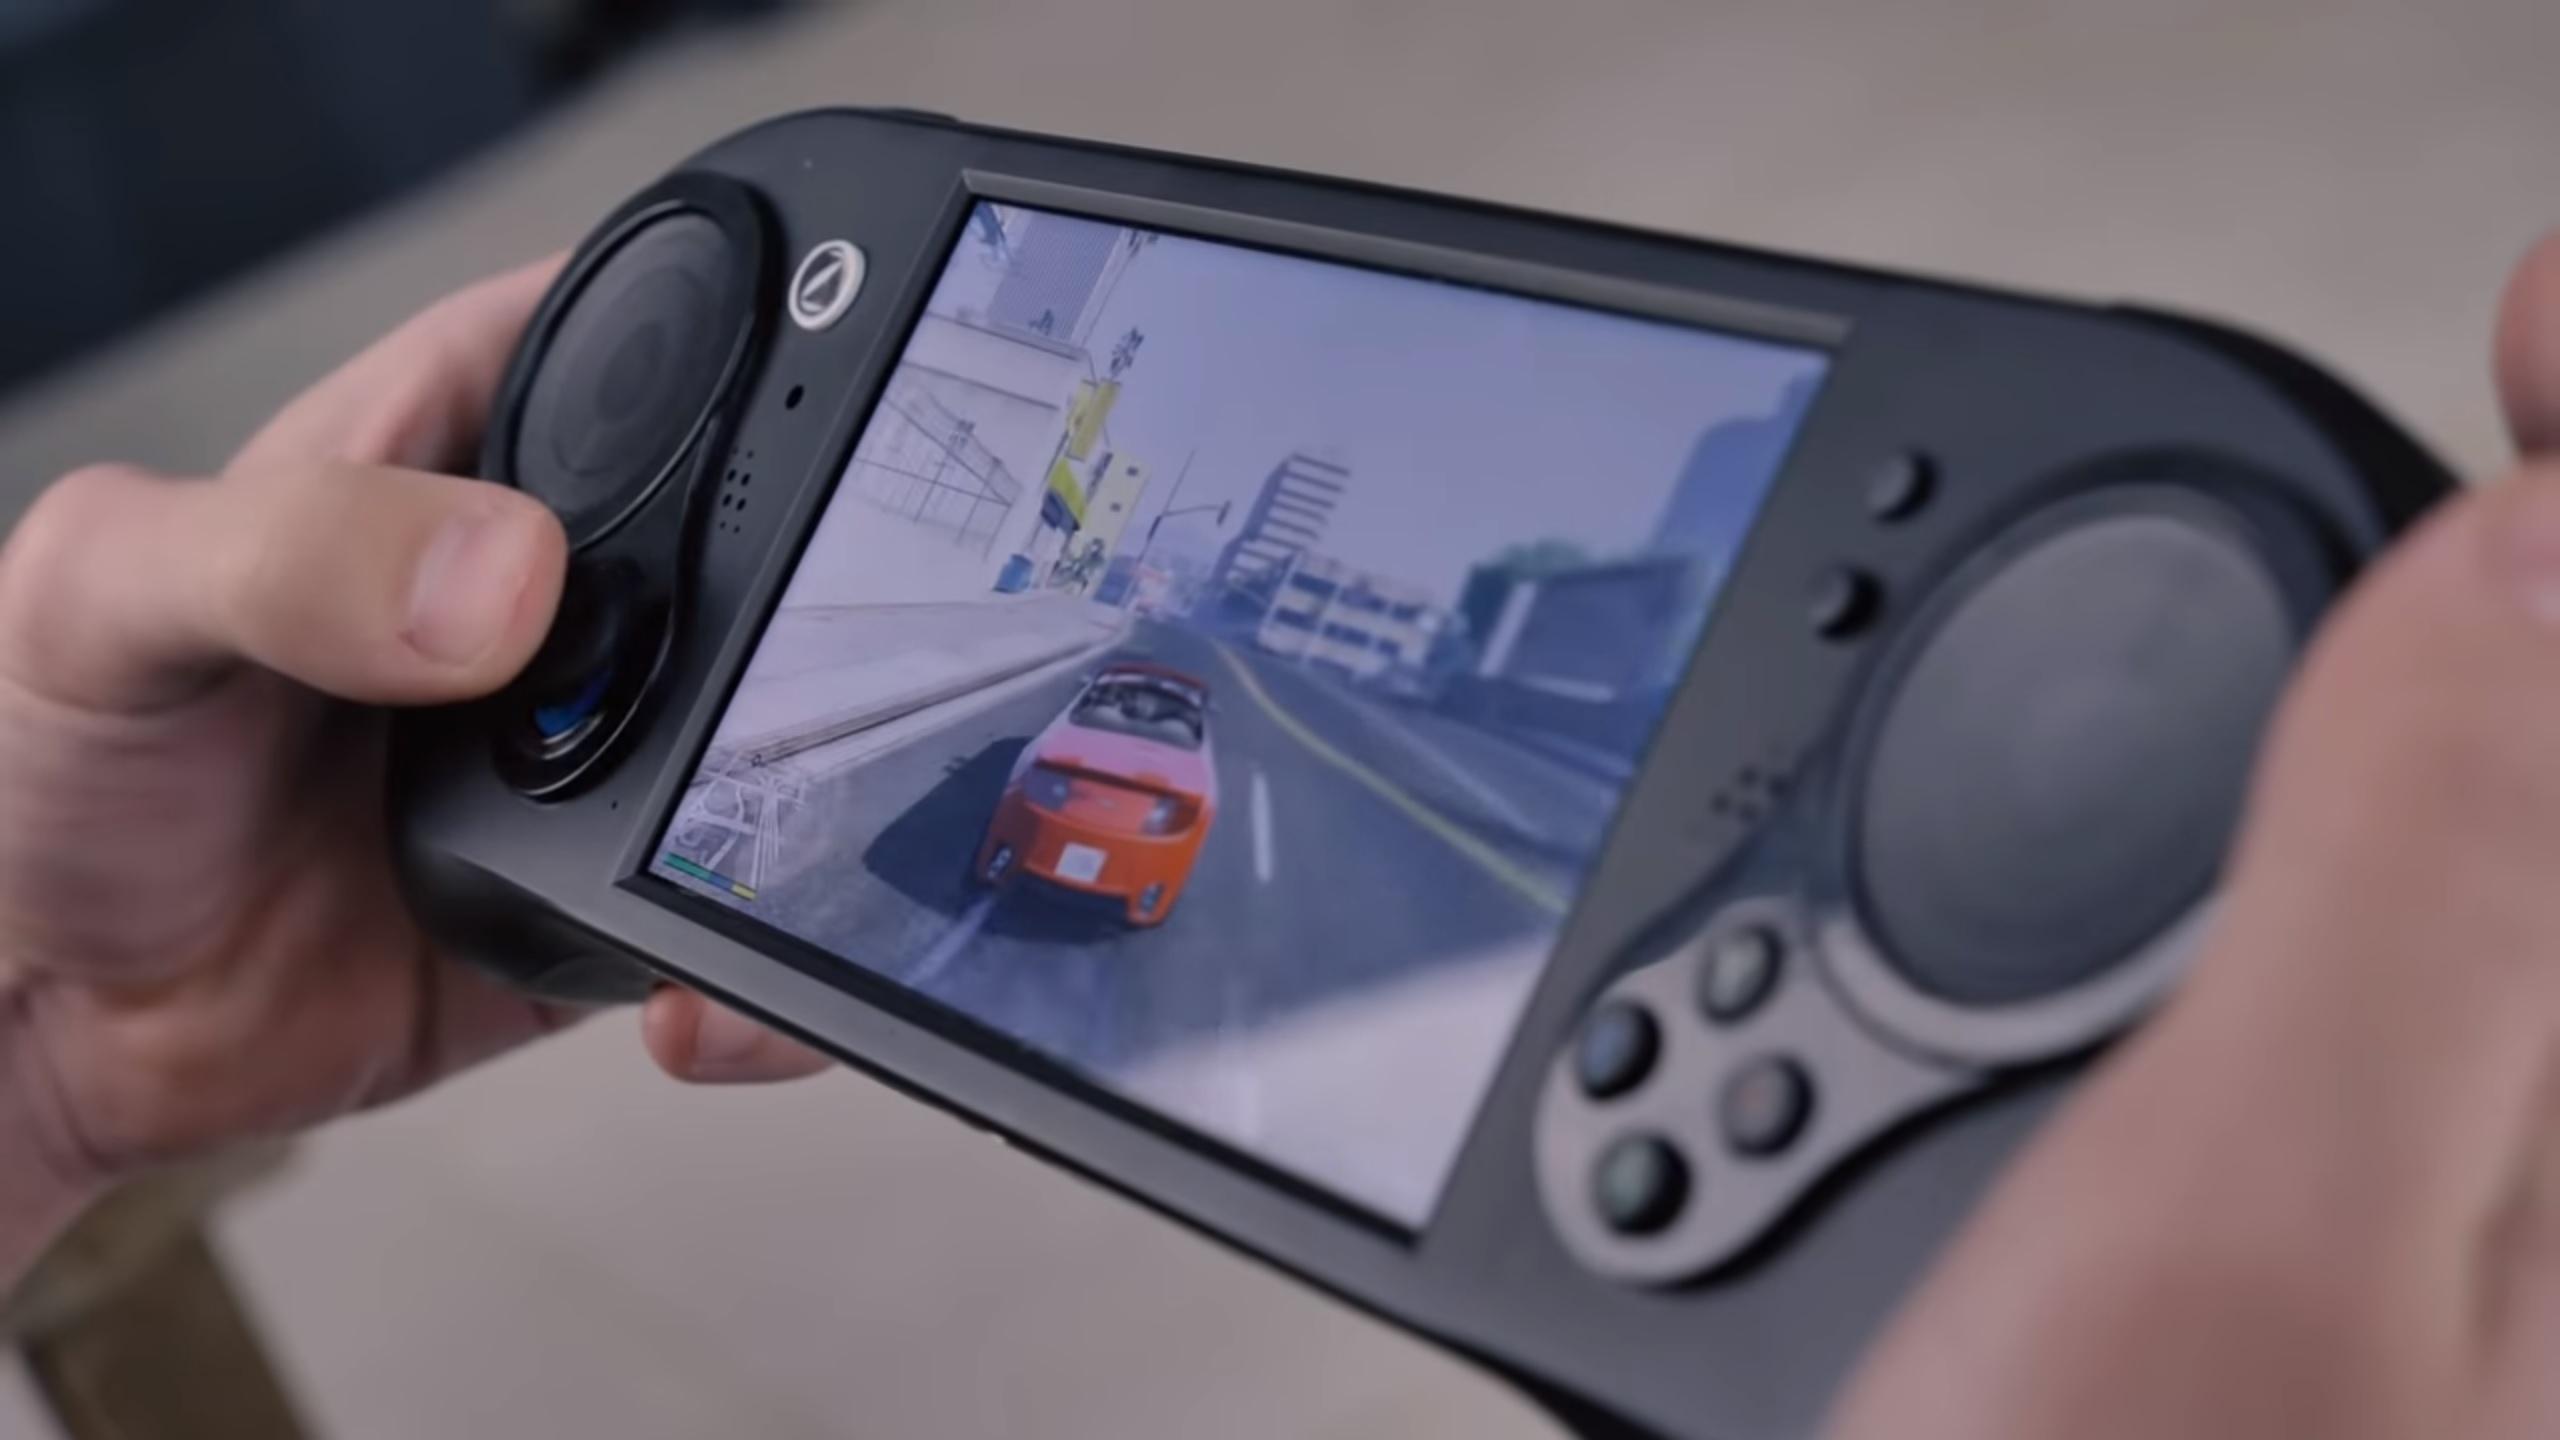 La Smach Z, console portable la plus puissante du marché, se pare d'un nouveau SoC AMD